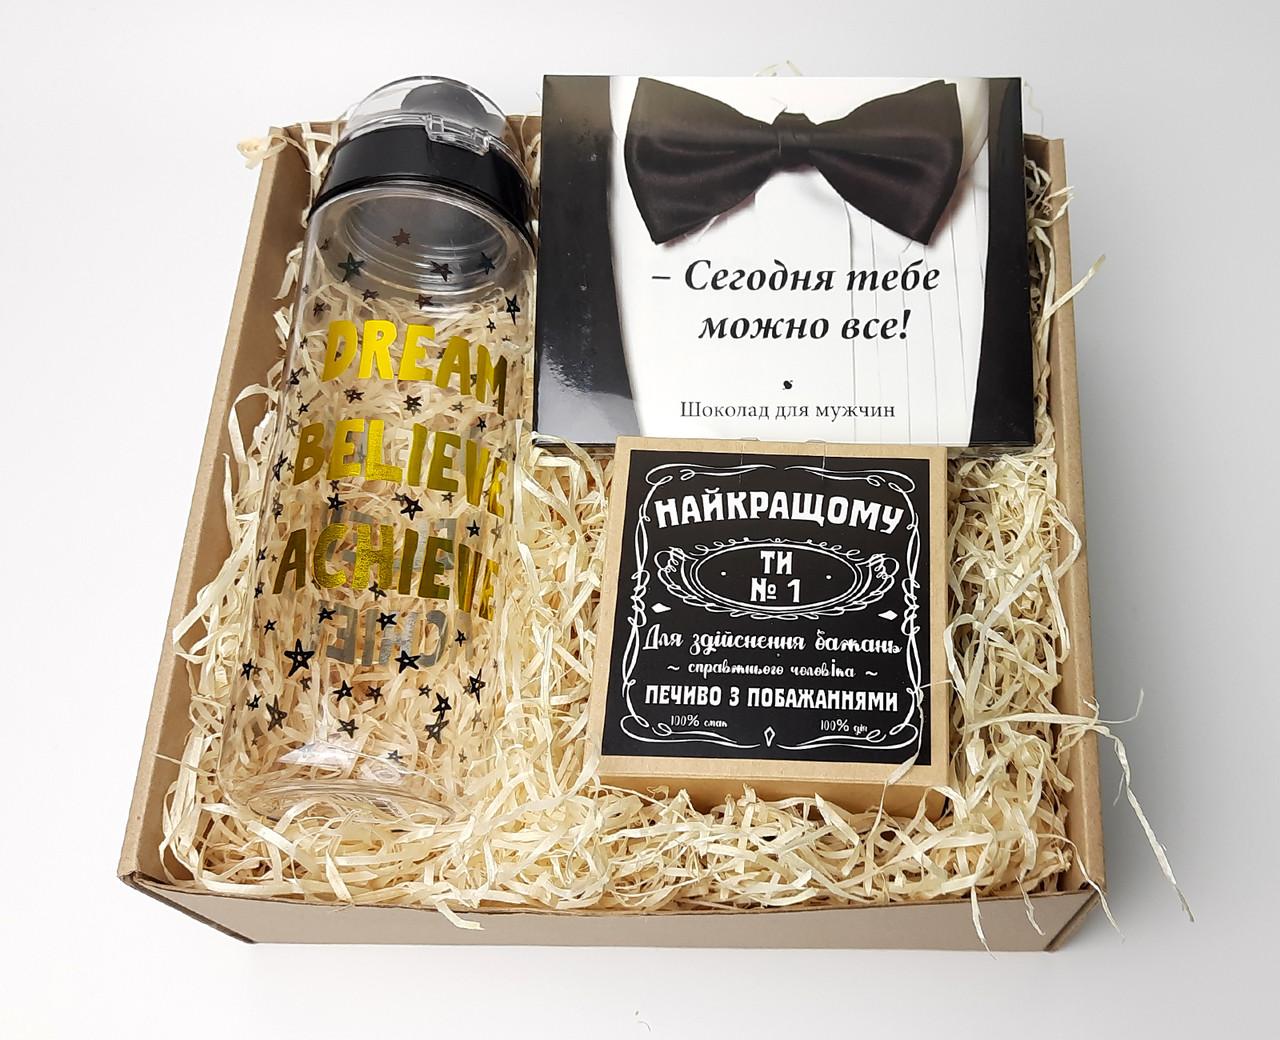 """Подарочный мужской бокс """"Твой удачный день"""": шоколад, печенье с предсказаниями, спортивная пластиковая бутылка"""